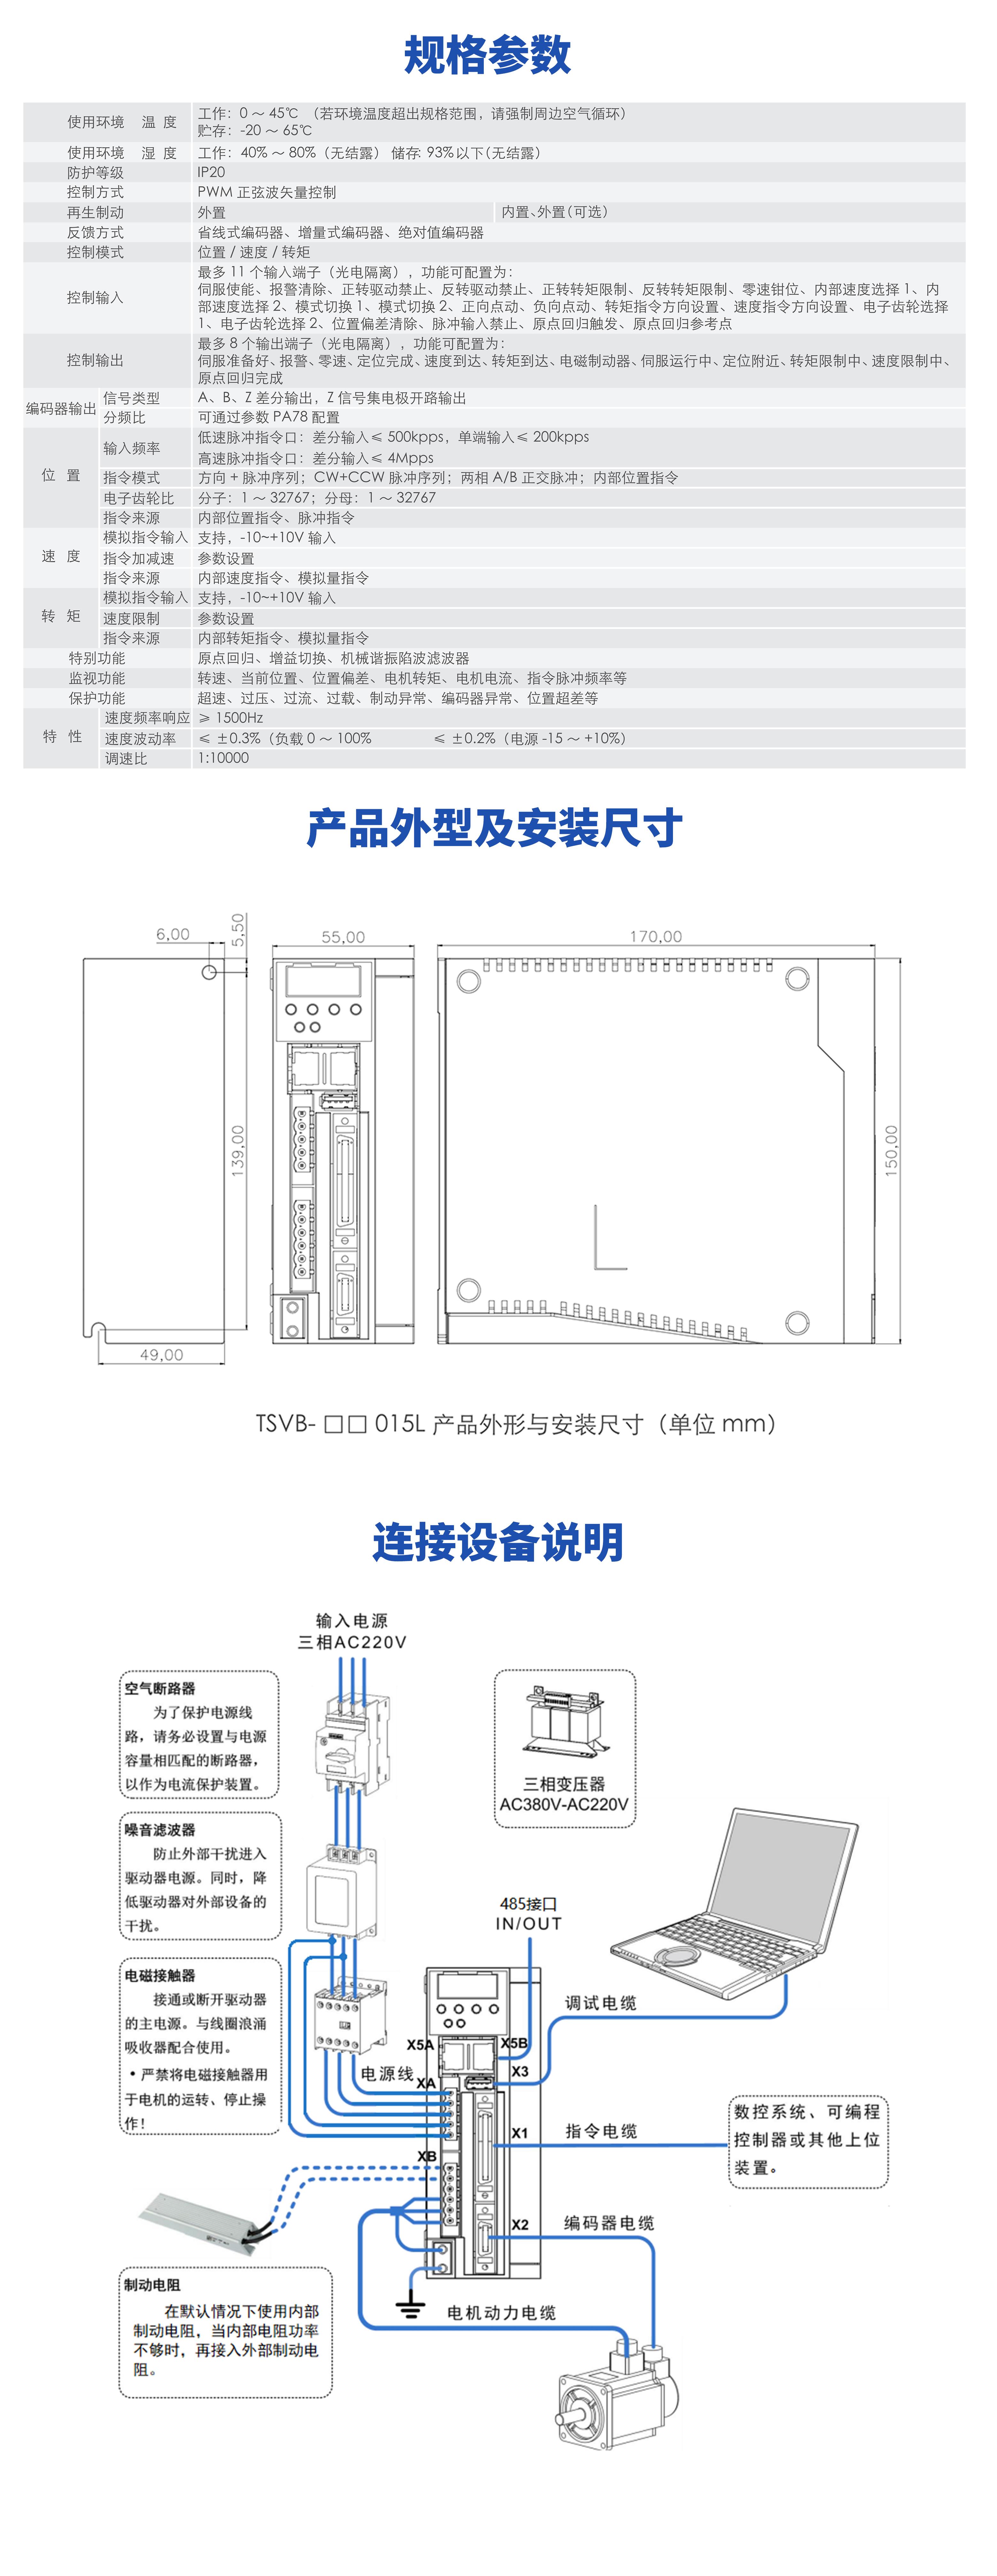 PA模板-015-2.jpg